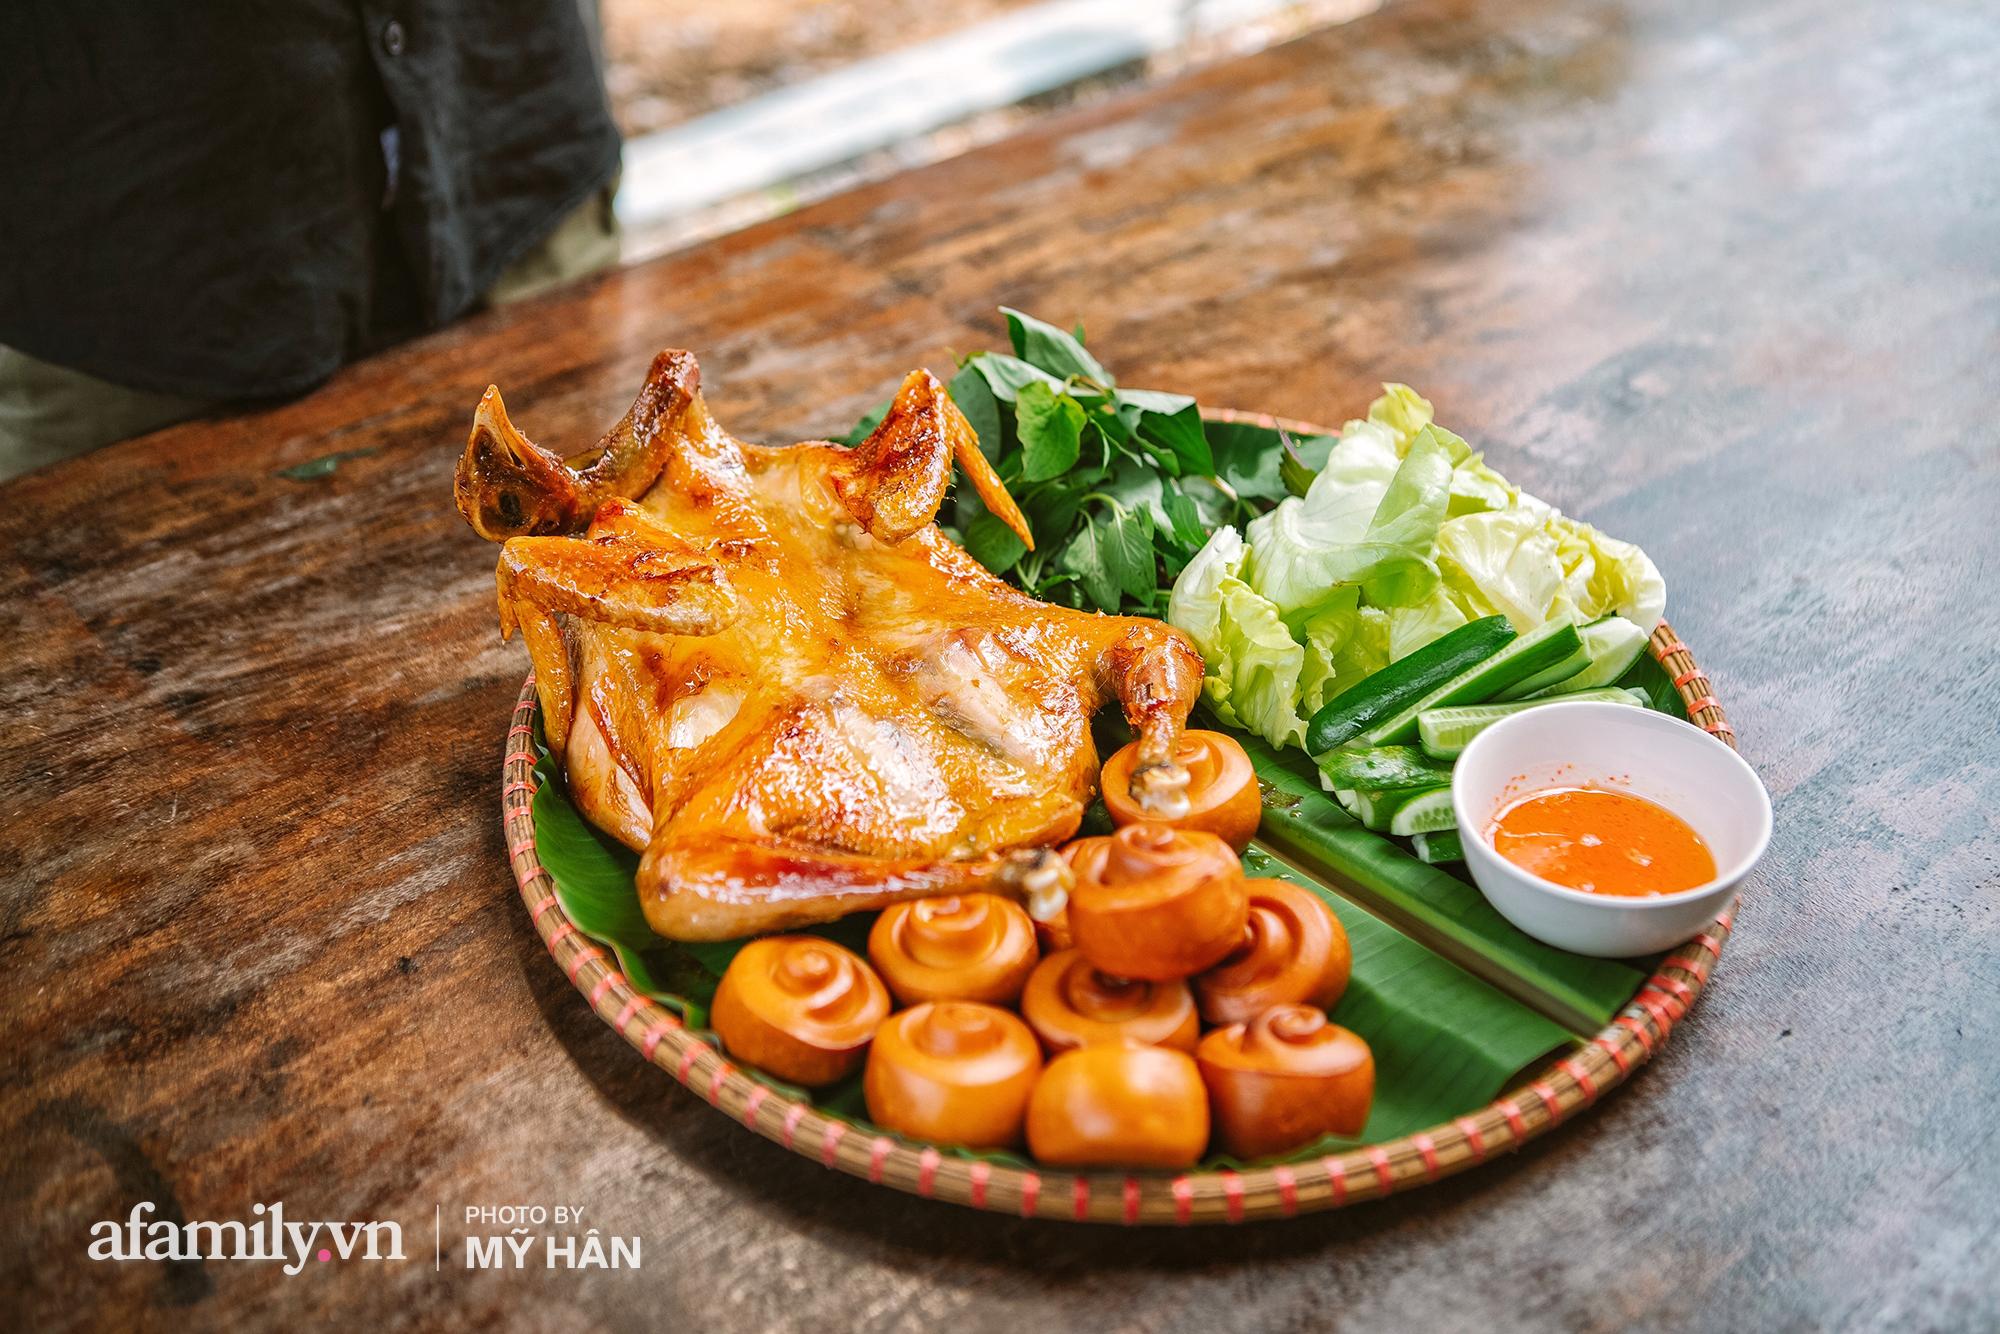 Chui vô vườn ăn GÀ QUAY bằng CHIẾC LU HƠN 100 NĂM tại Cần Thơ, món đặc sản ở miền Tây nhưng hot lên tới tận Sài Gòn! - Ảnh 12.